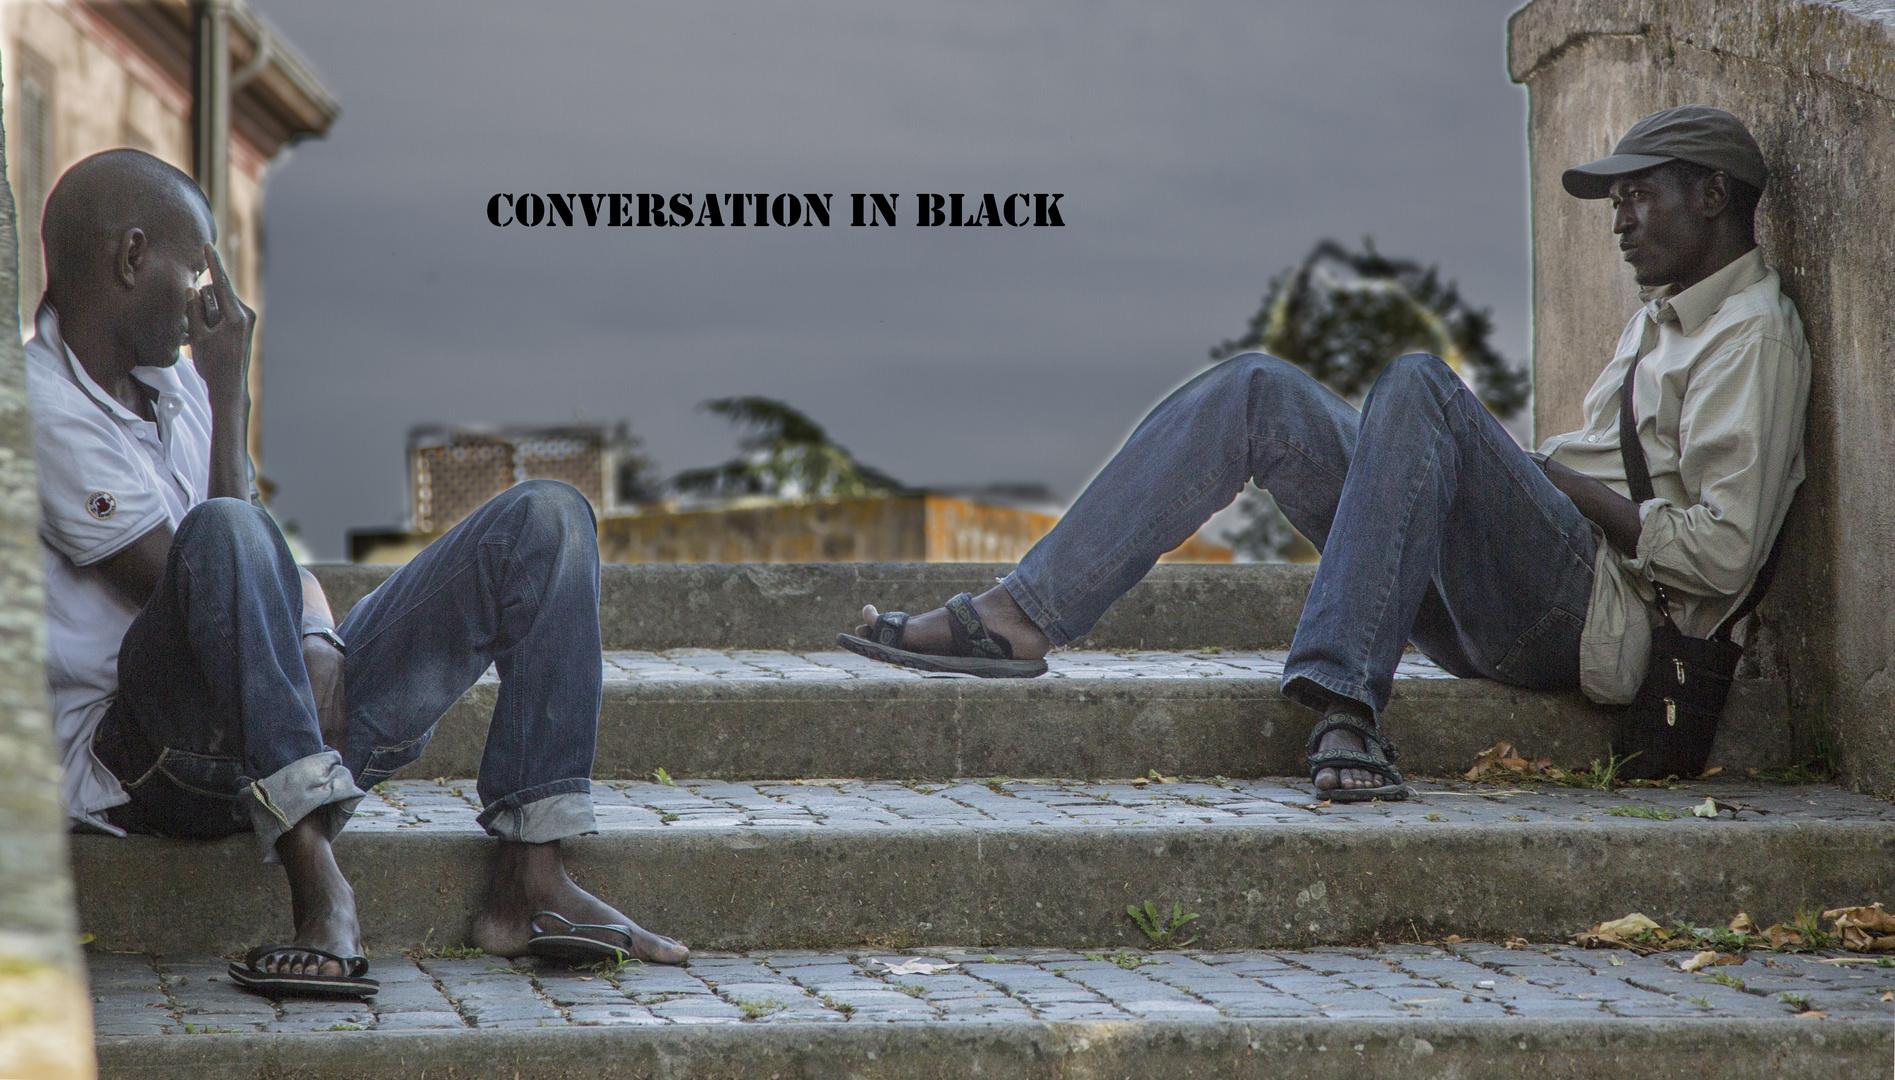 Conversation in black